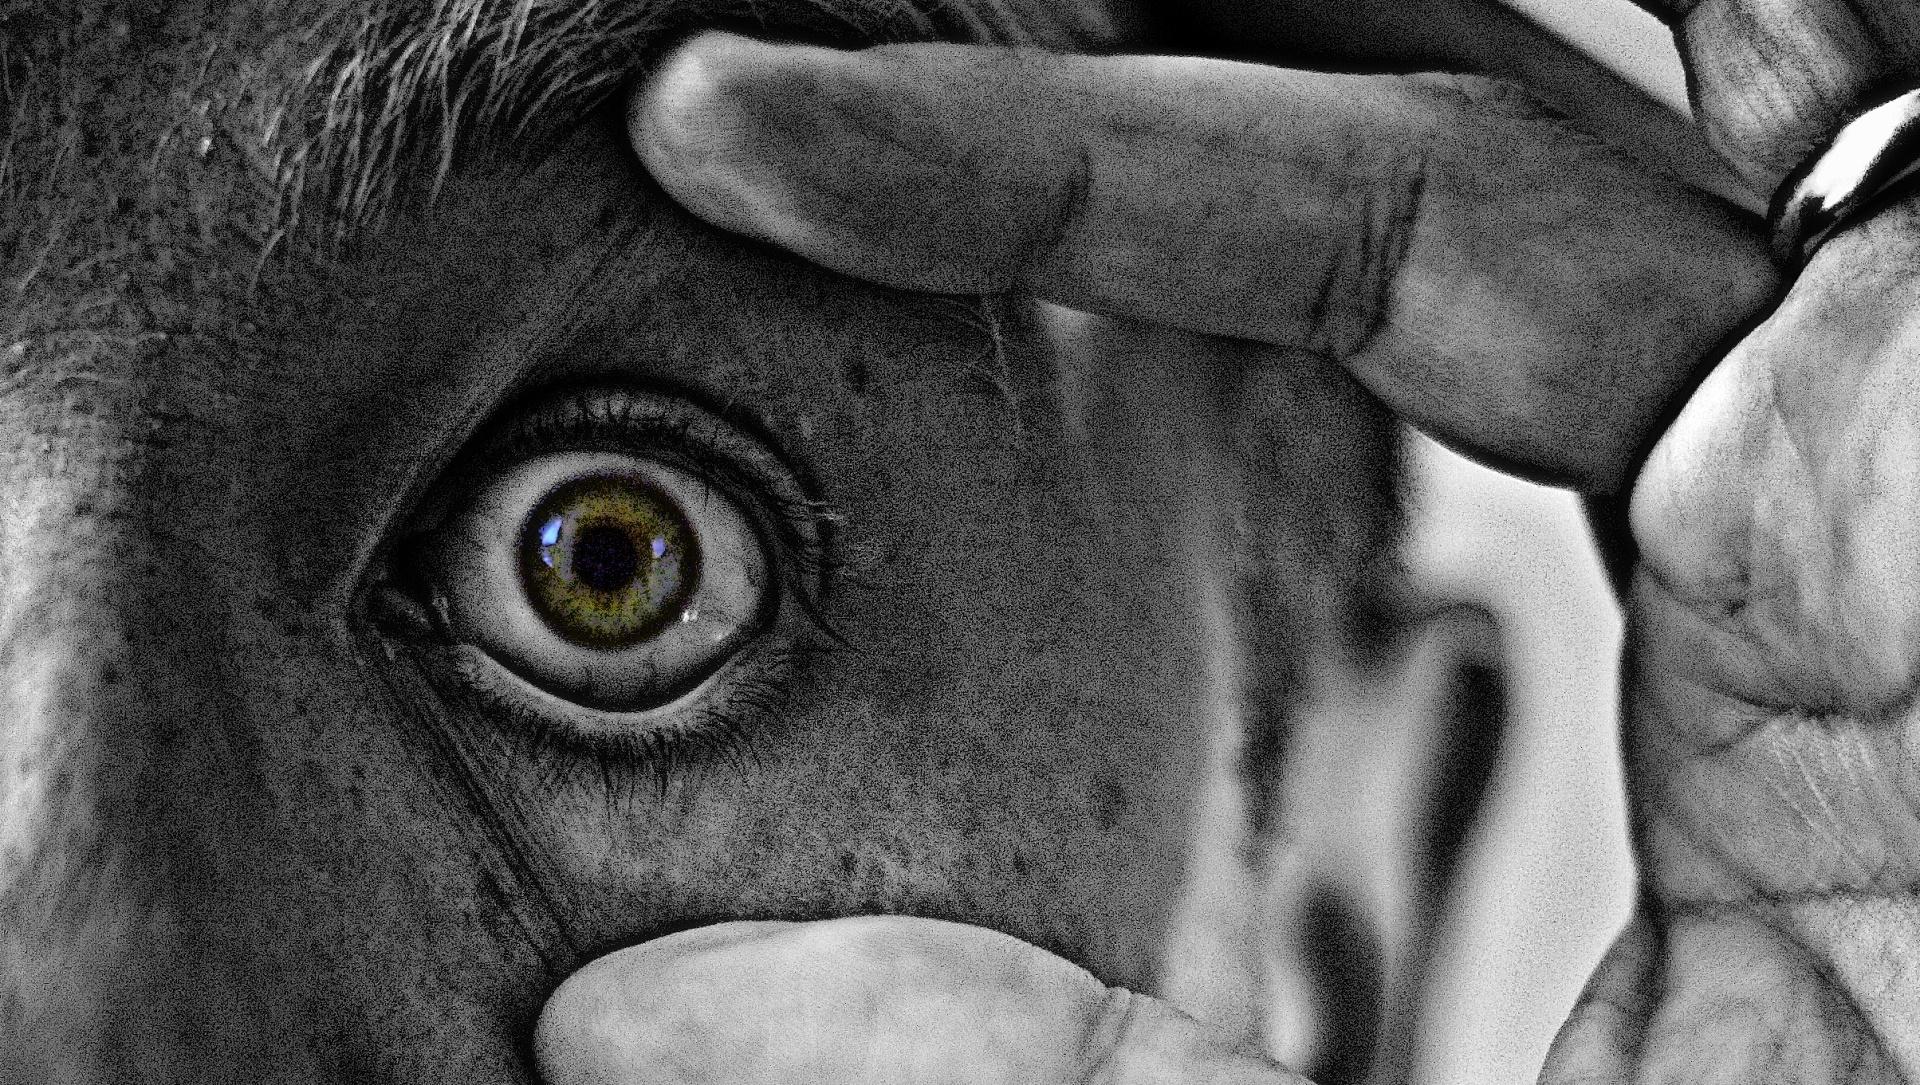 Así es como actúa tu cerebro cuando reconoce caras